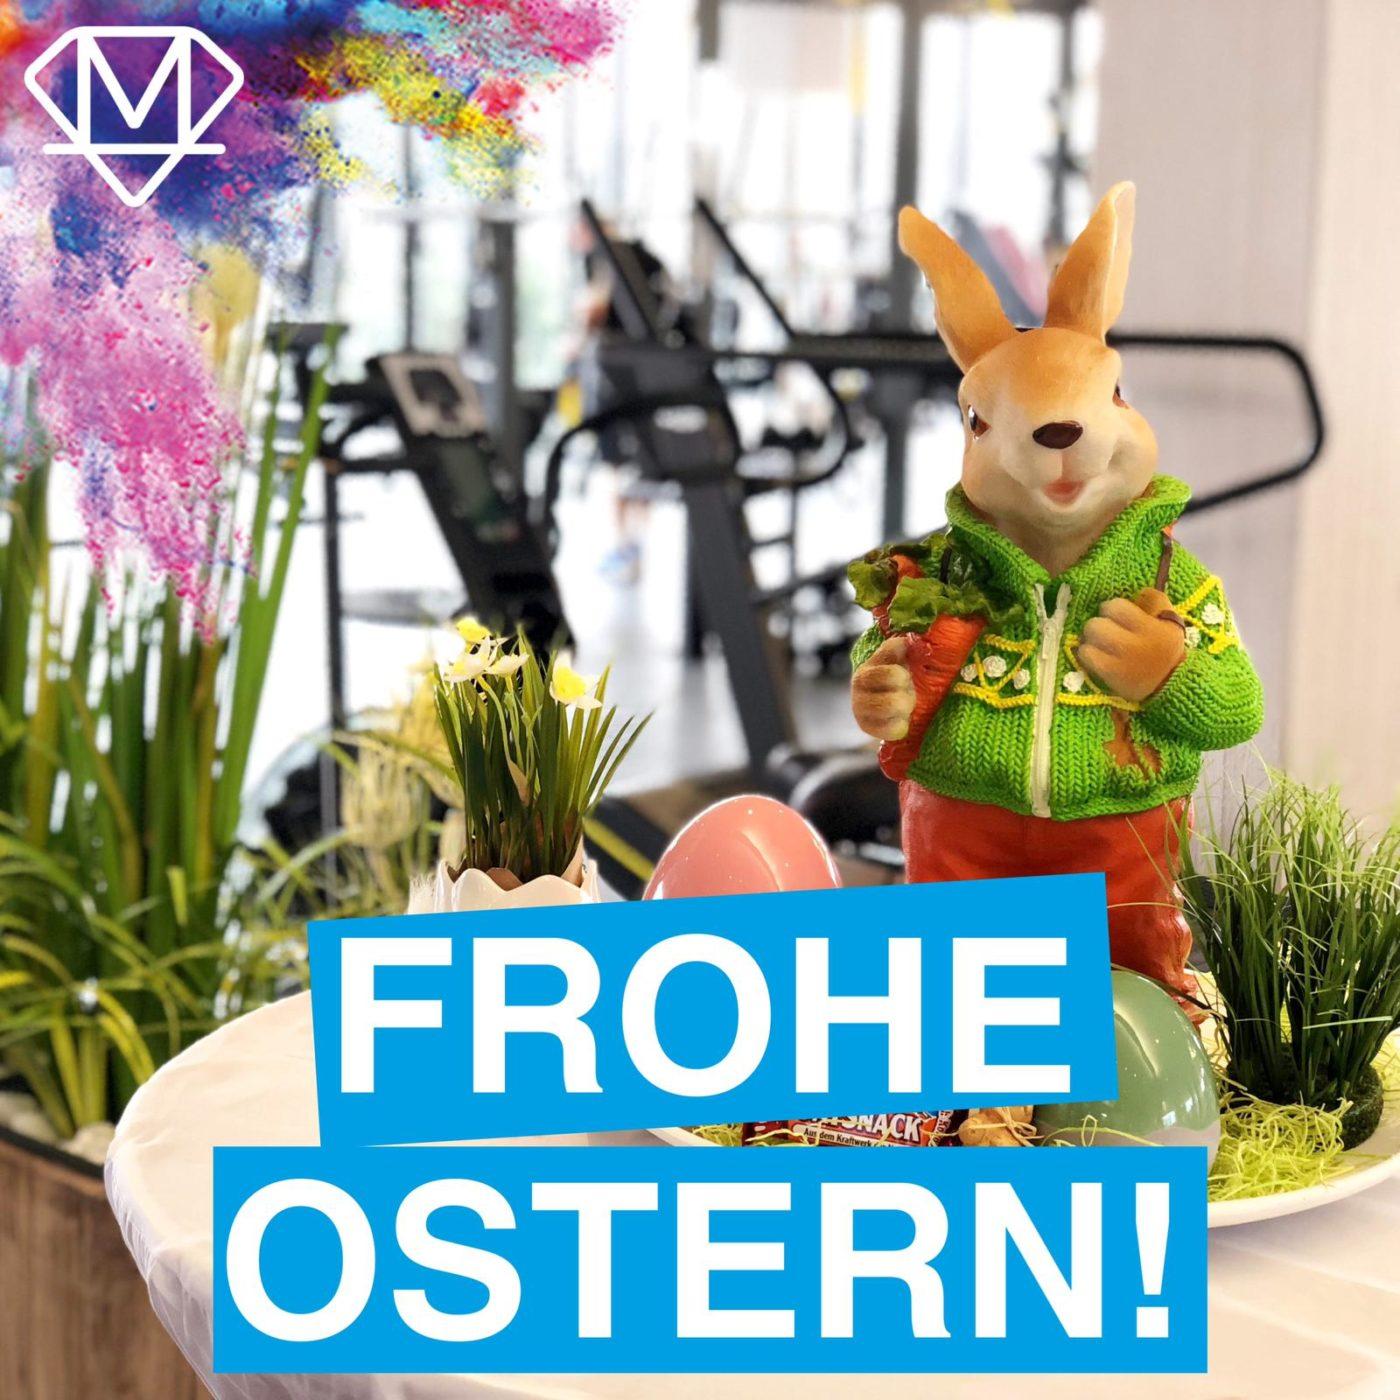 Ostern MOVEMENT FITNESS Muenchen 1400x1400 - Frohe (und sportliche) Ostern!